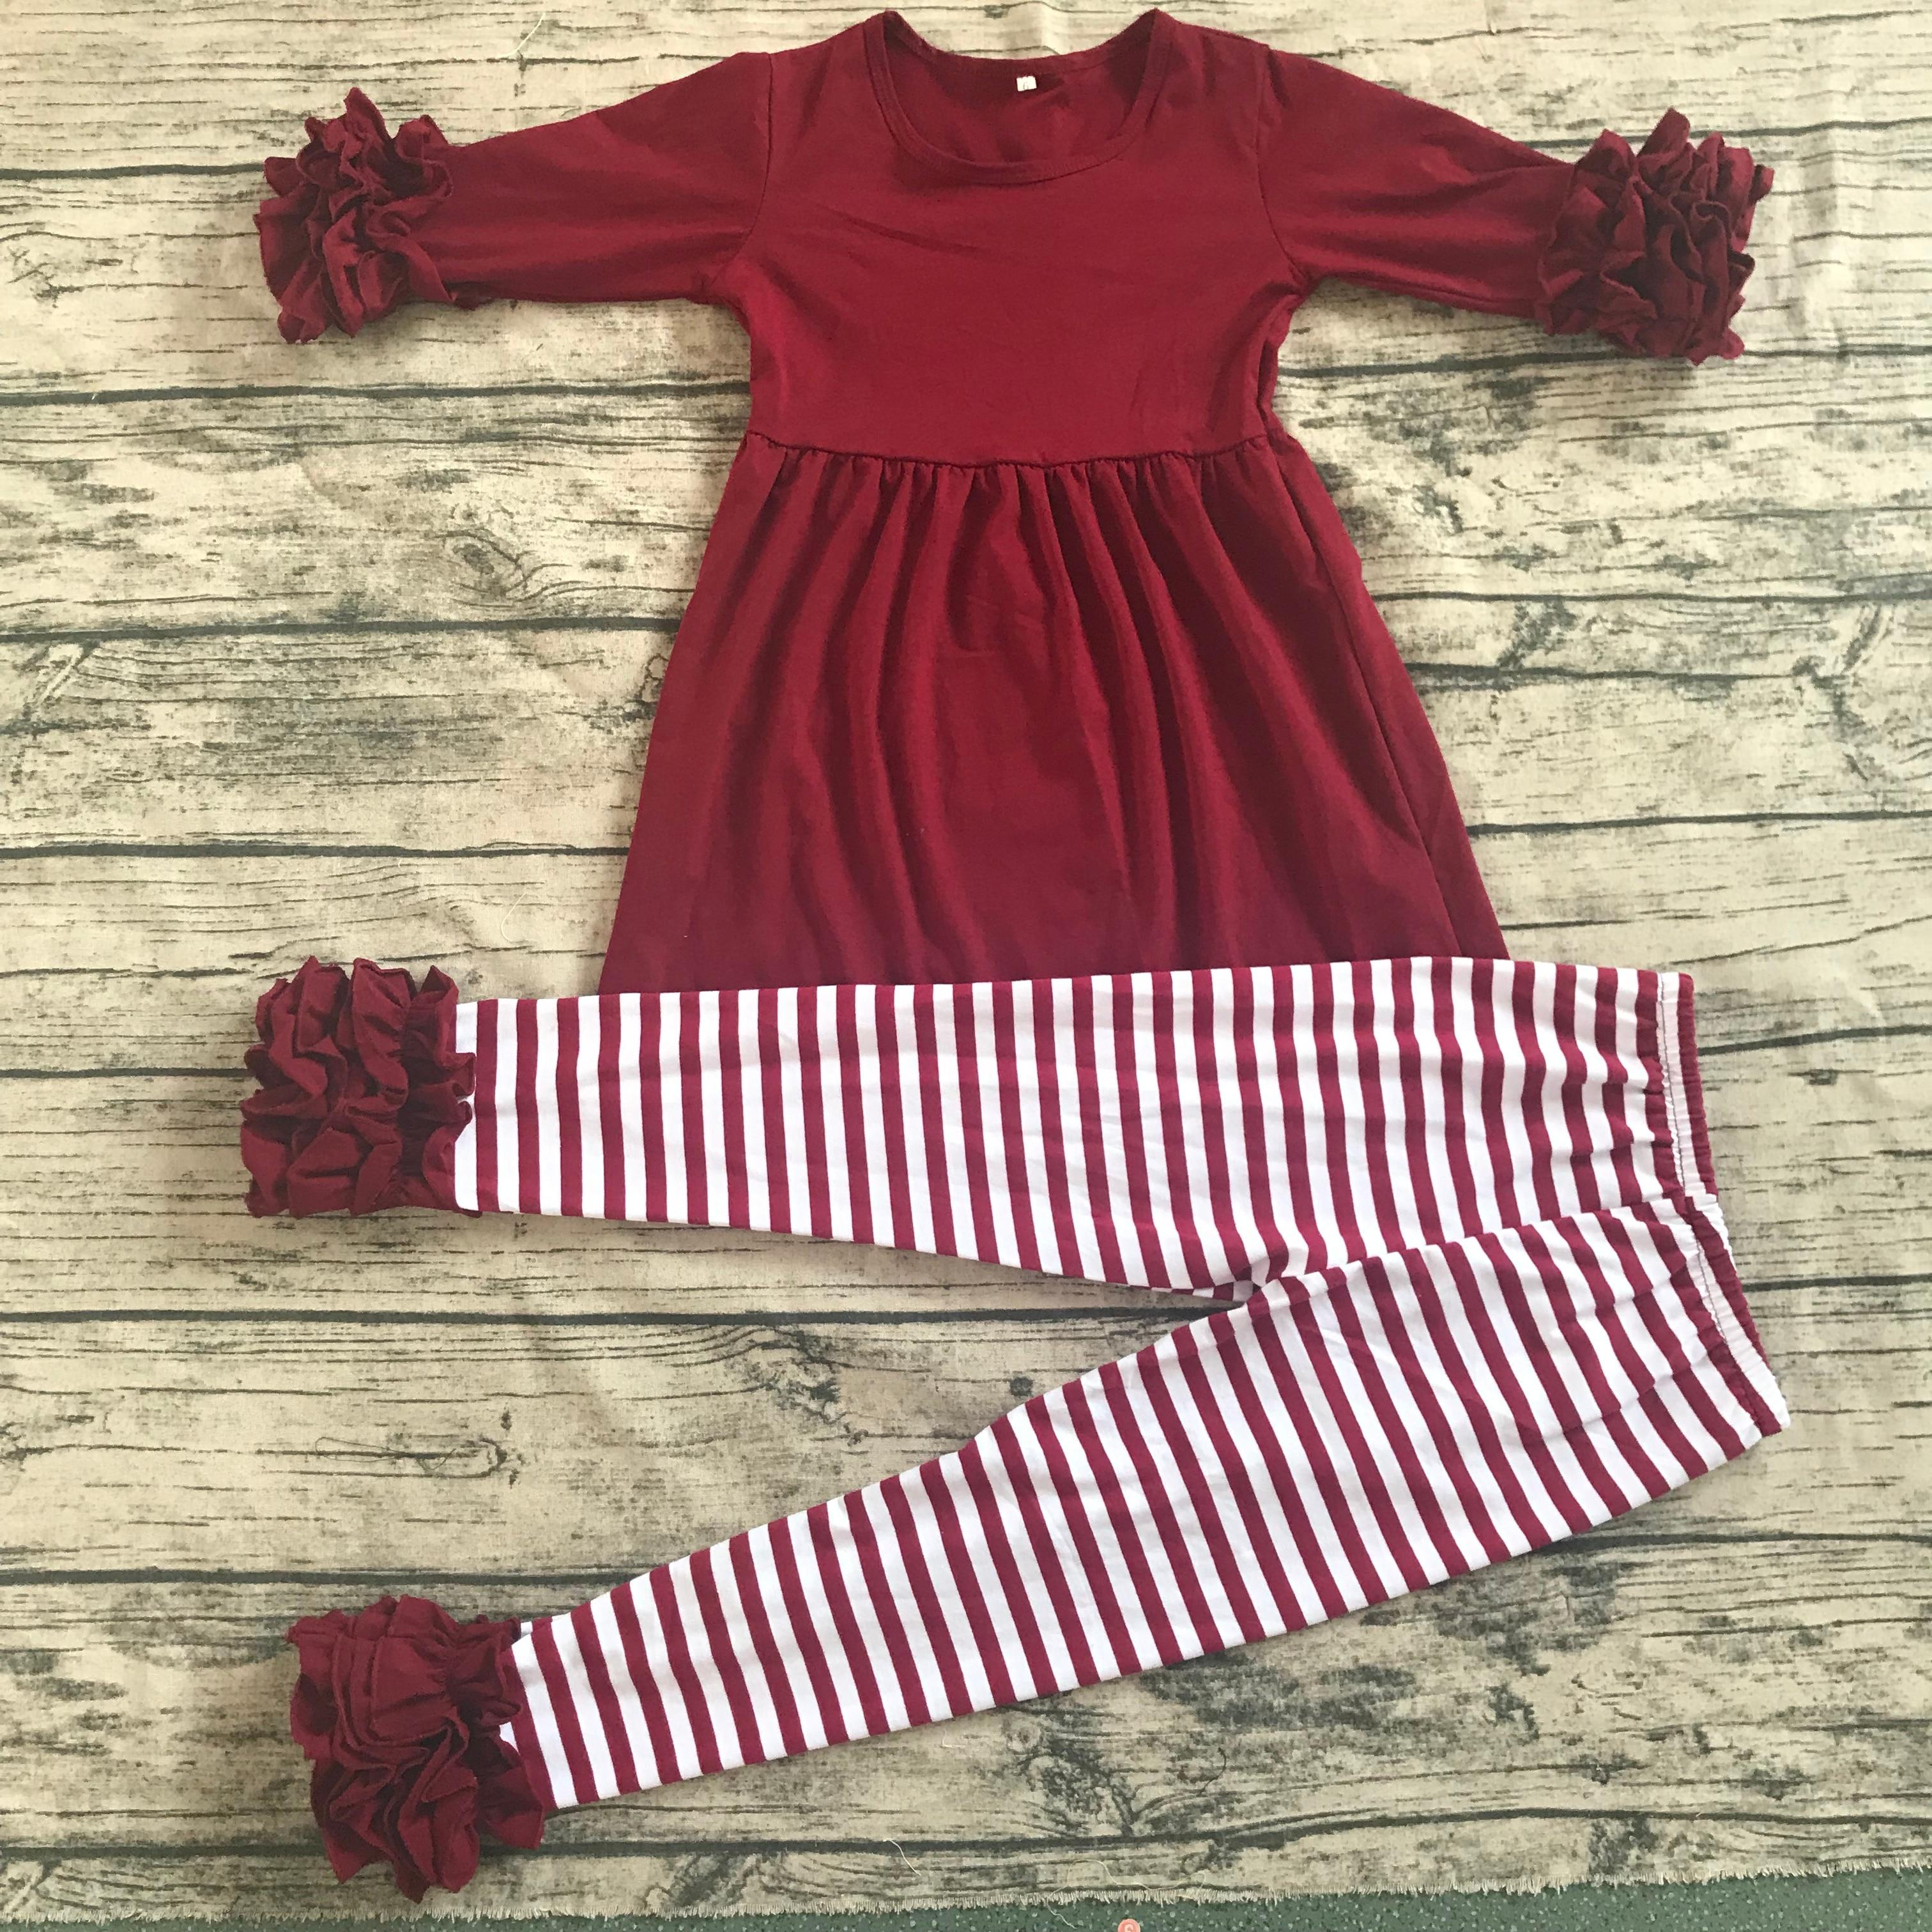 فستان مكشكش من القطن 100% للفتيات للخريف ، بناطيل مثلجة ، ملابس للأطفال ، أزياء الهالوين والشتاء ، مجموعة ملابس للفتيات